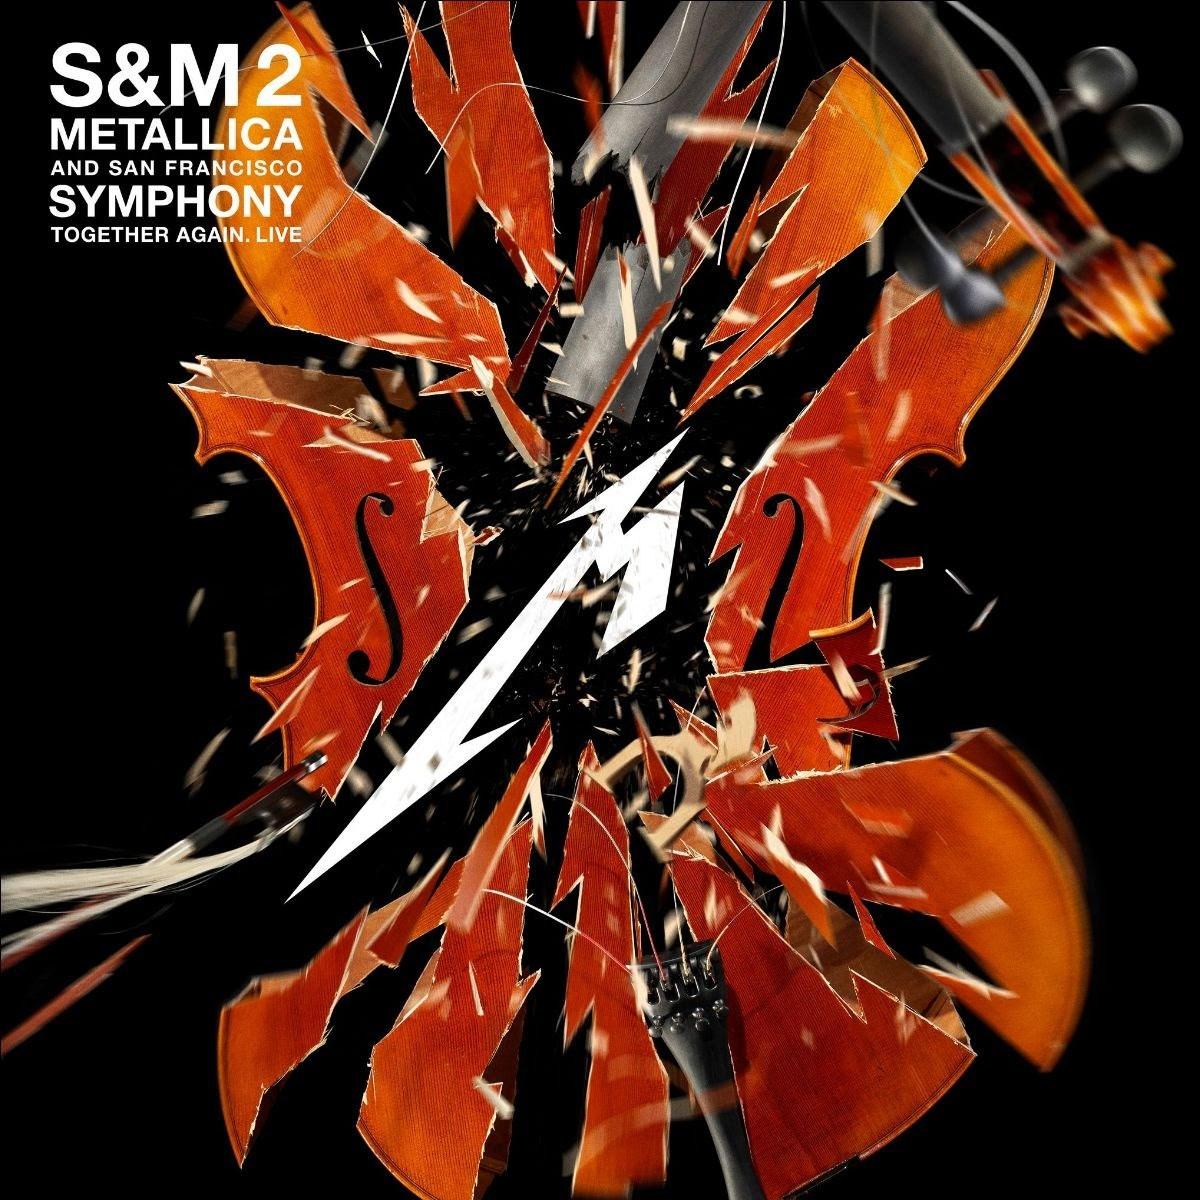 Metallica and San Fransisco Symphony